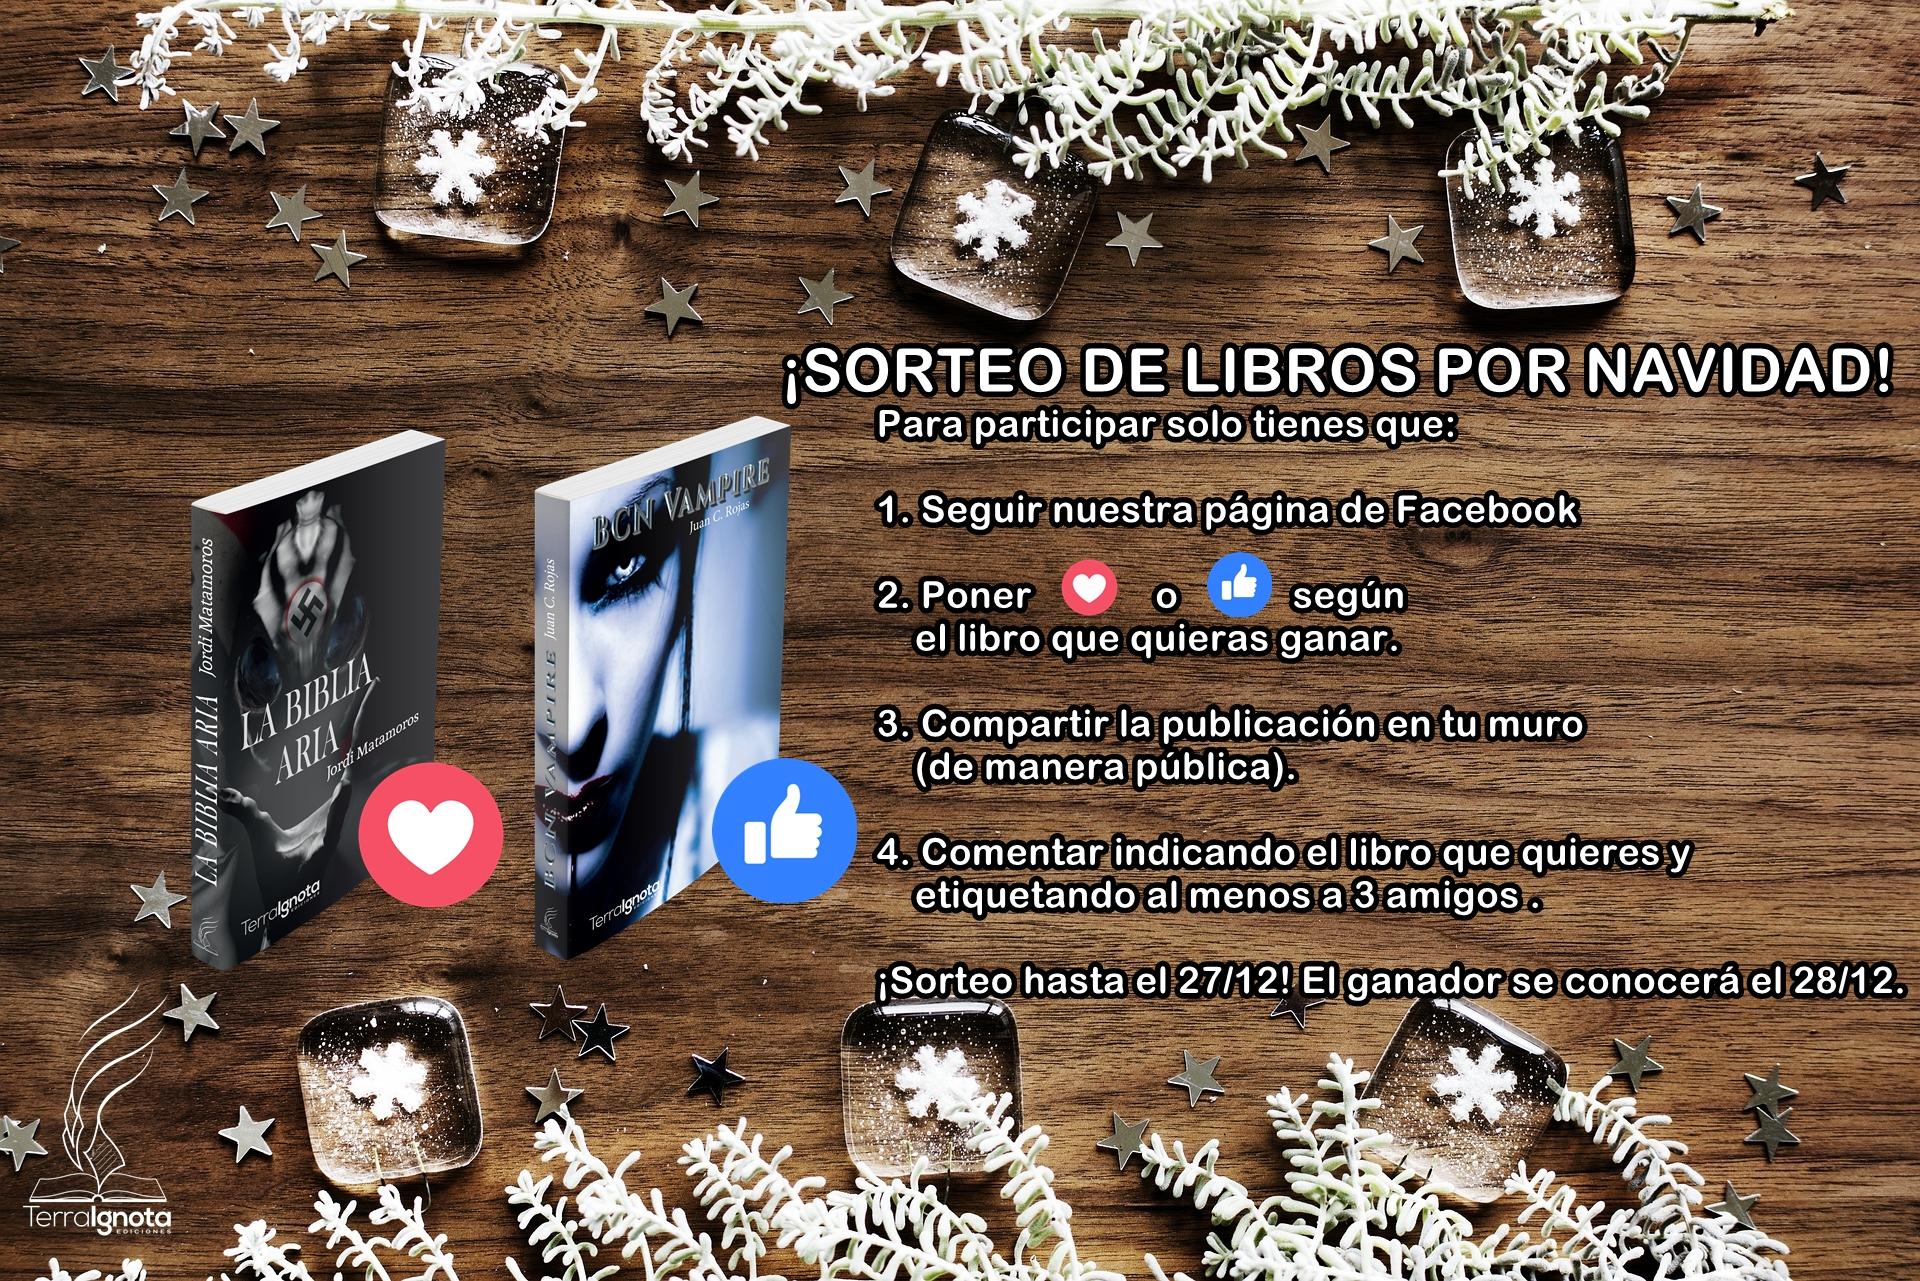 Publicar-un-libro-editar-Madrid-Barcelona-cataluña-españa-català-Andalucia-coedicion-autoedicion-sorteo-navidad-libros-facebook